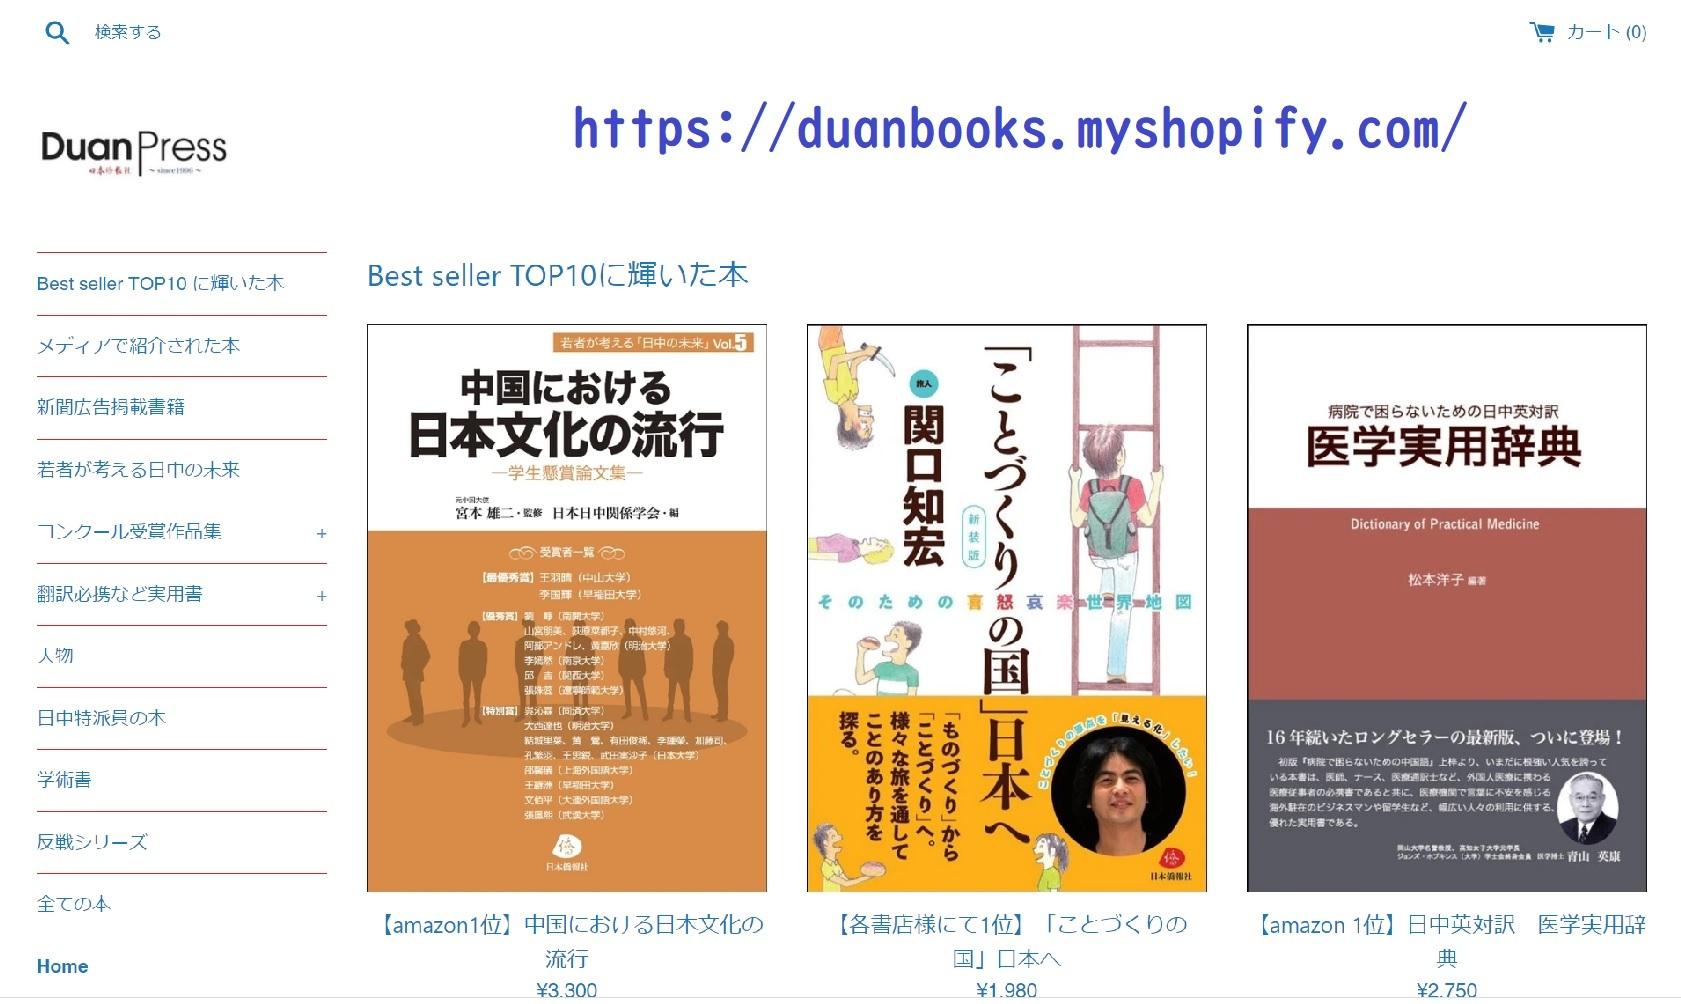 【Best seller TOP10に輝いた本】日本僑報社の新しいオンラインストア「duanbooks」グランドオープン_d0027795_12375184.jpg